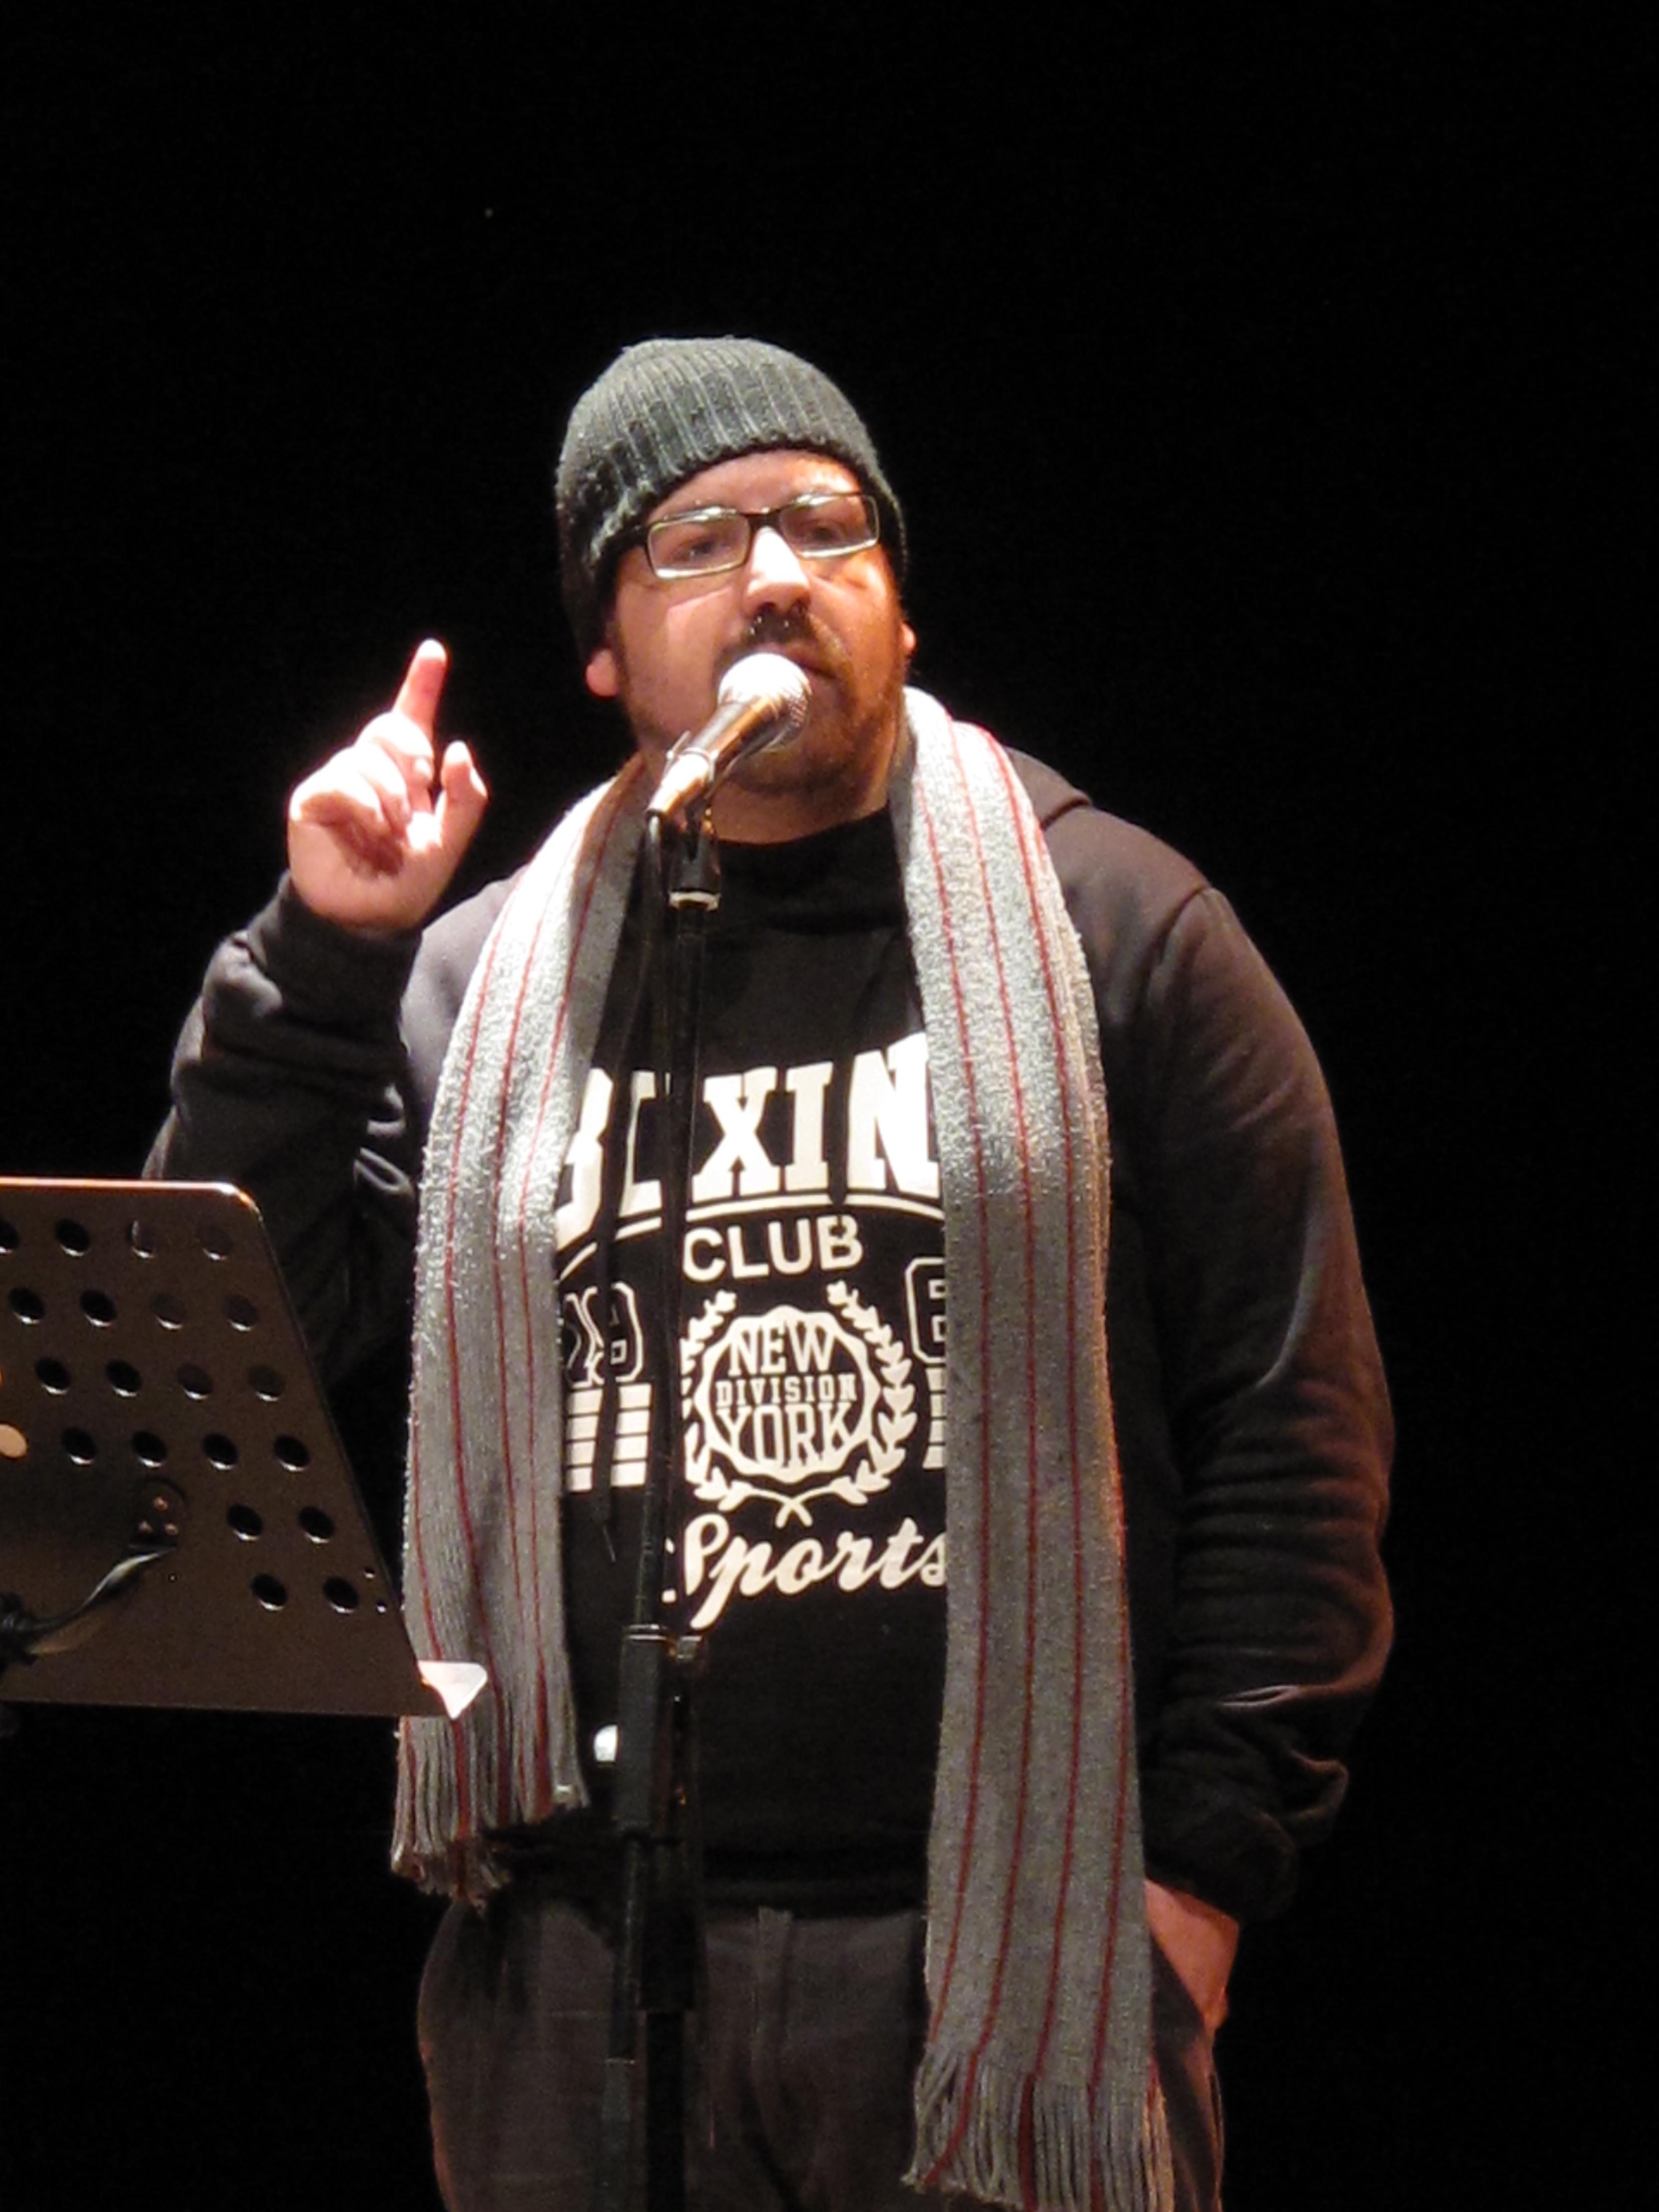 Gli scrittori sardi ricordano Sergio Atzeni, Manuelle Mureddu, Teatro Massimo, Cagliari, 11 gennaio 2015